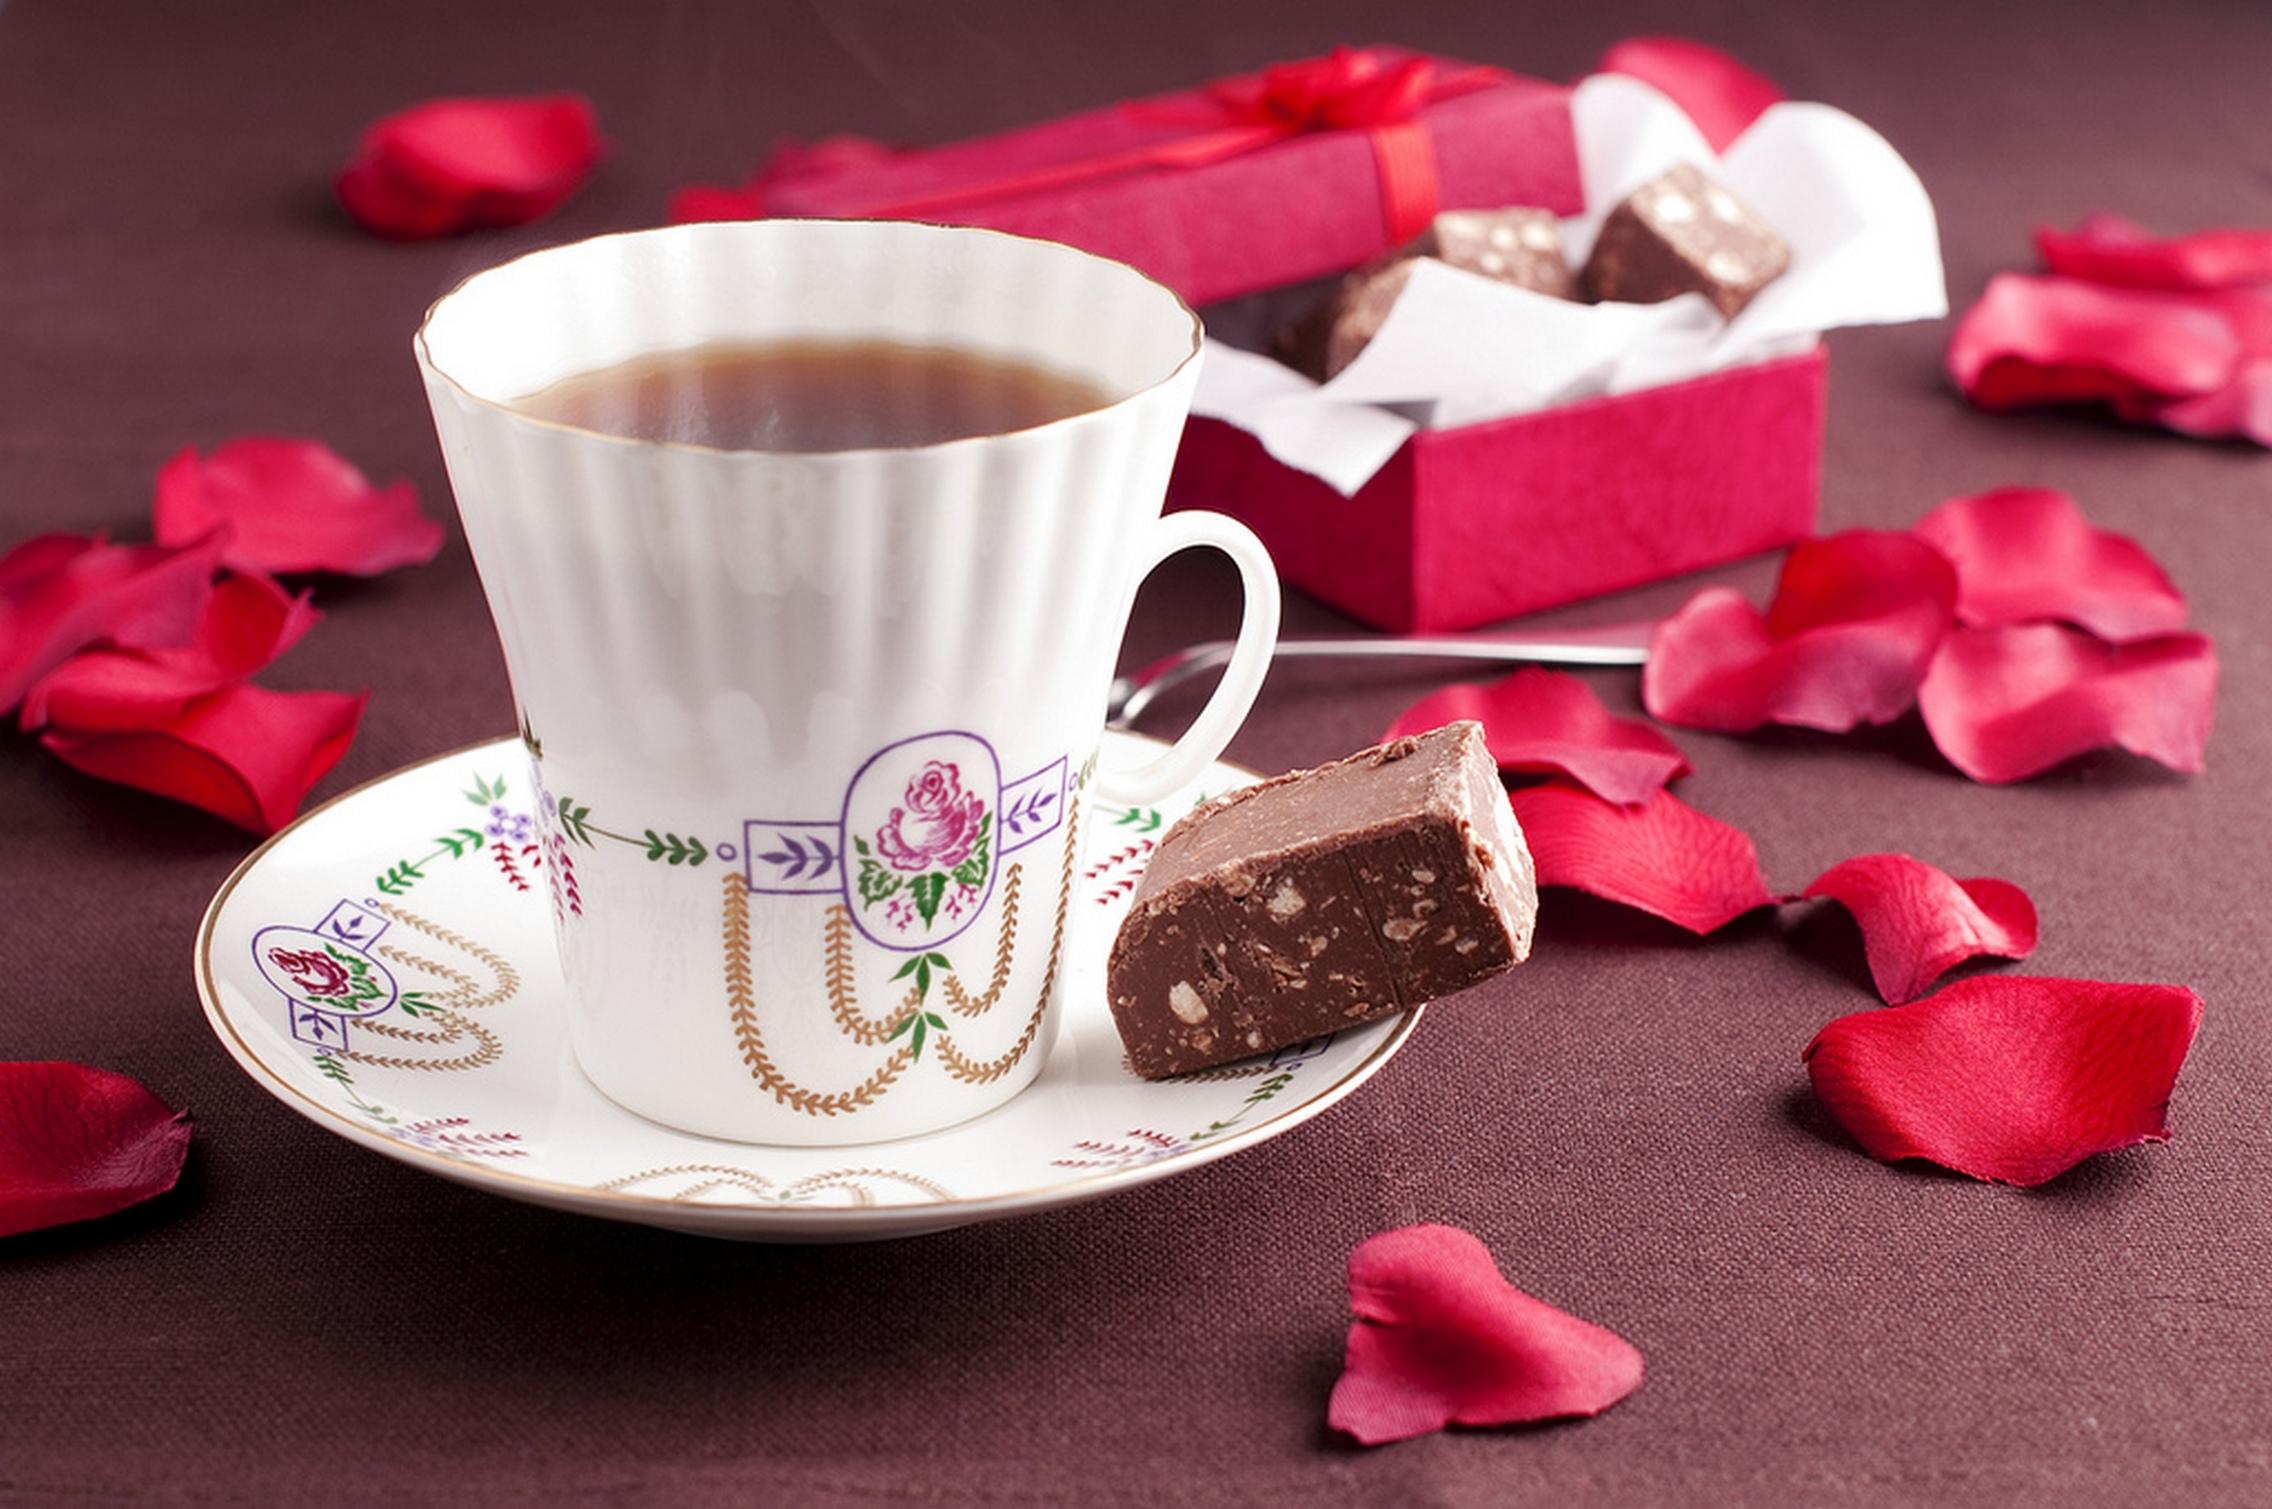 Шоколадка и чай в открытке, валентина открытки открытки